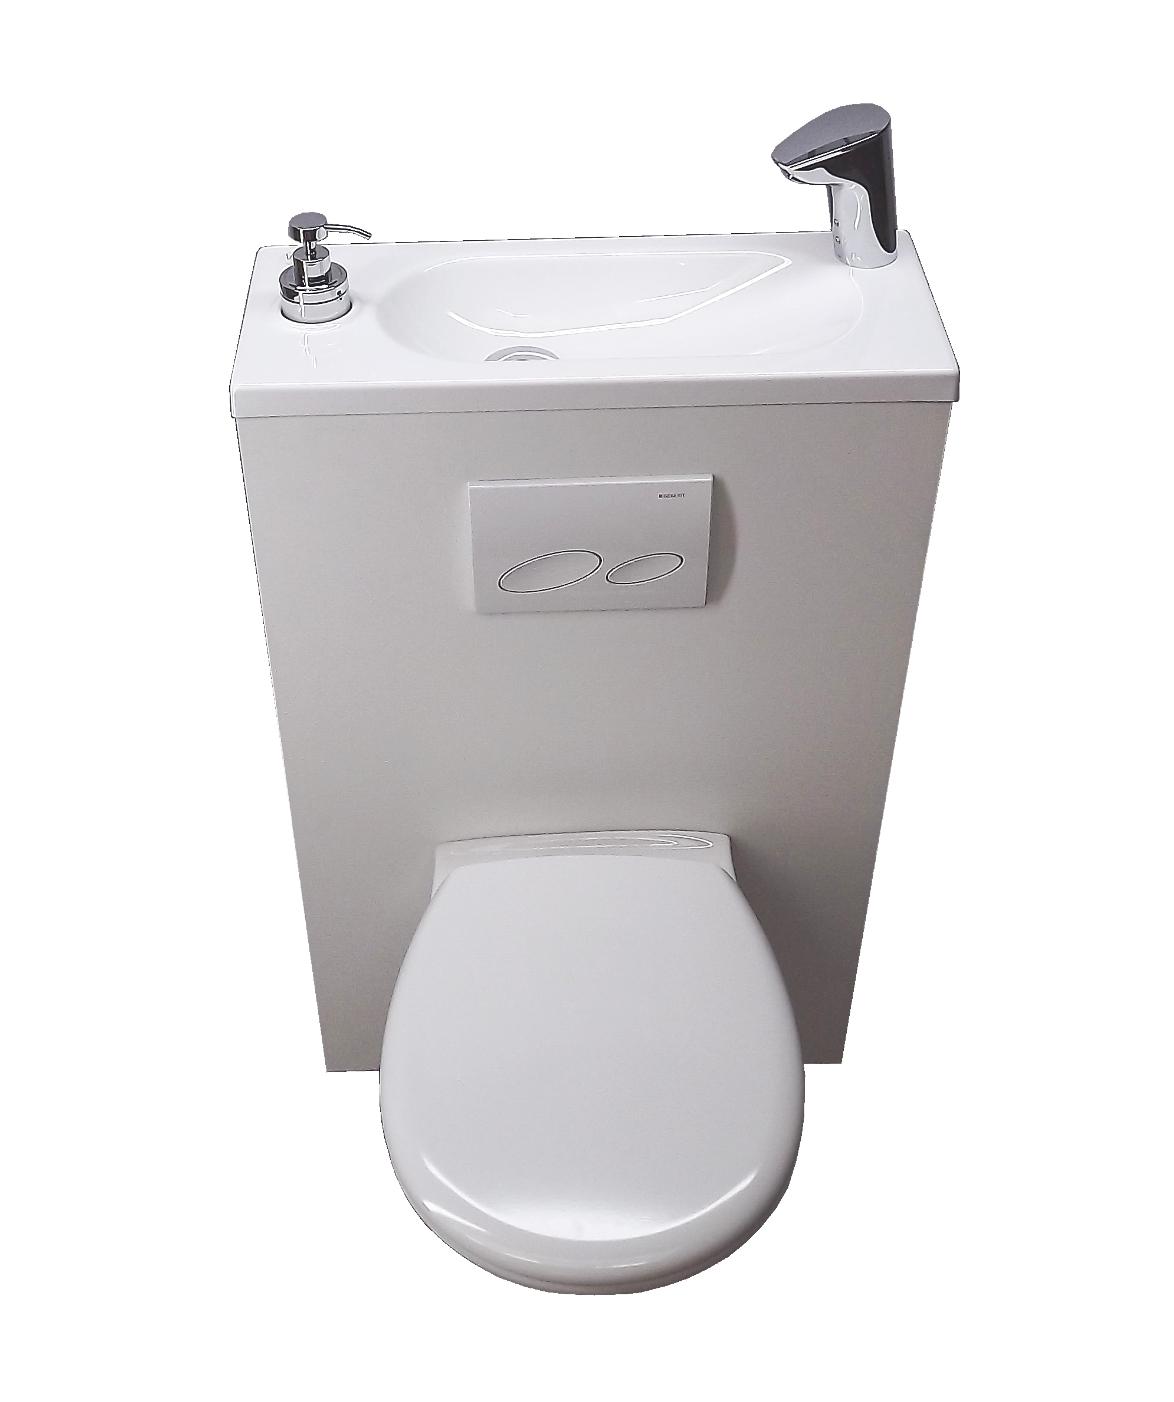 WC avec lave mains intégré - WiCi Bati